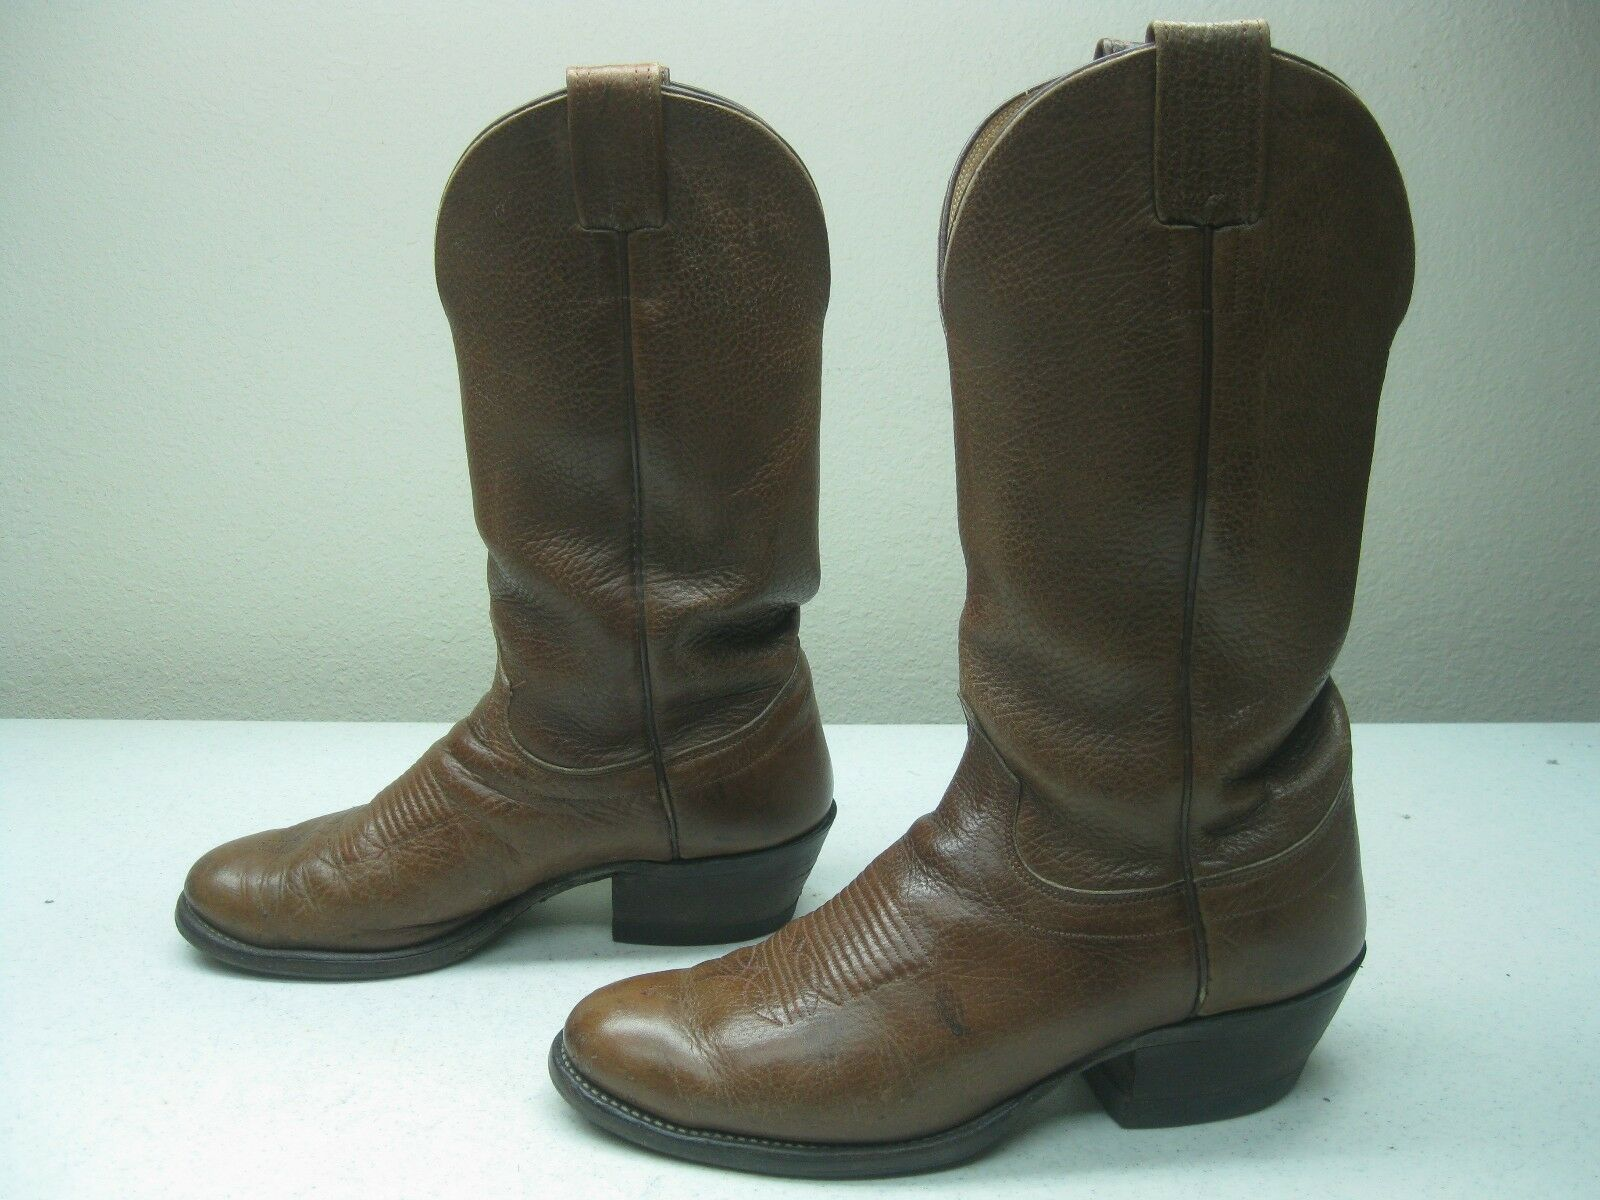 Vintage marron bottes HILL made in SAN ANTONIO 10 D Cowboy Western Rockabilly bottes